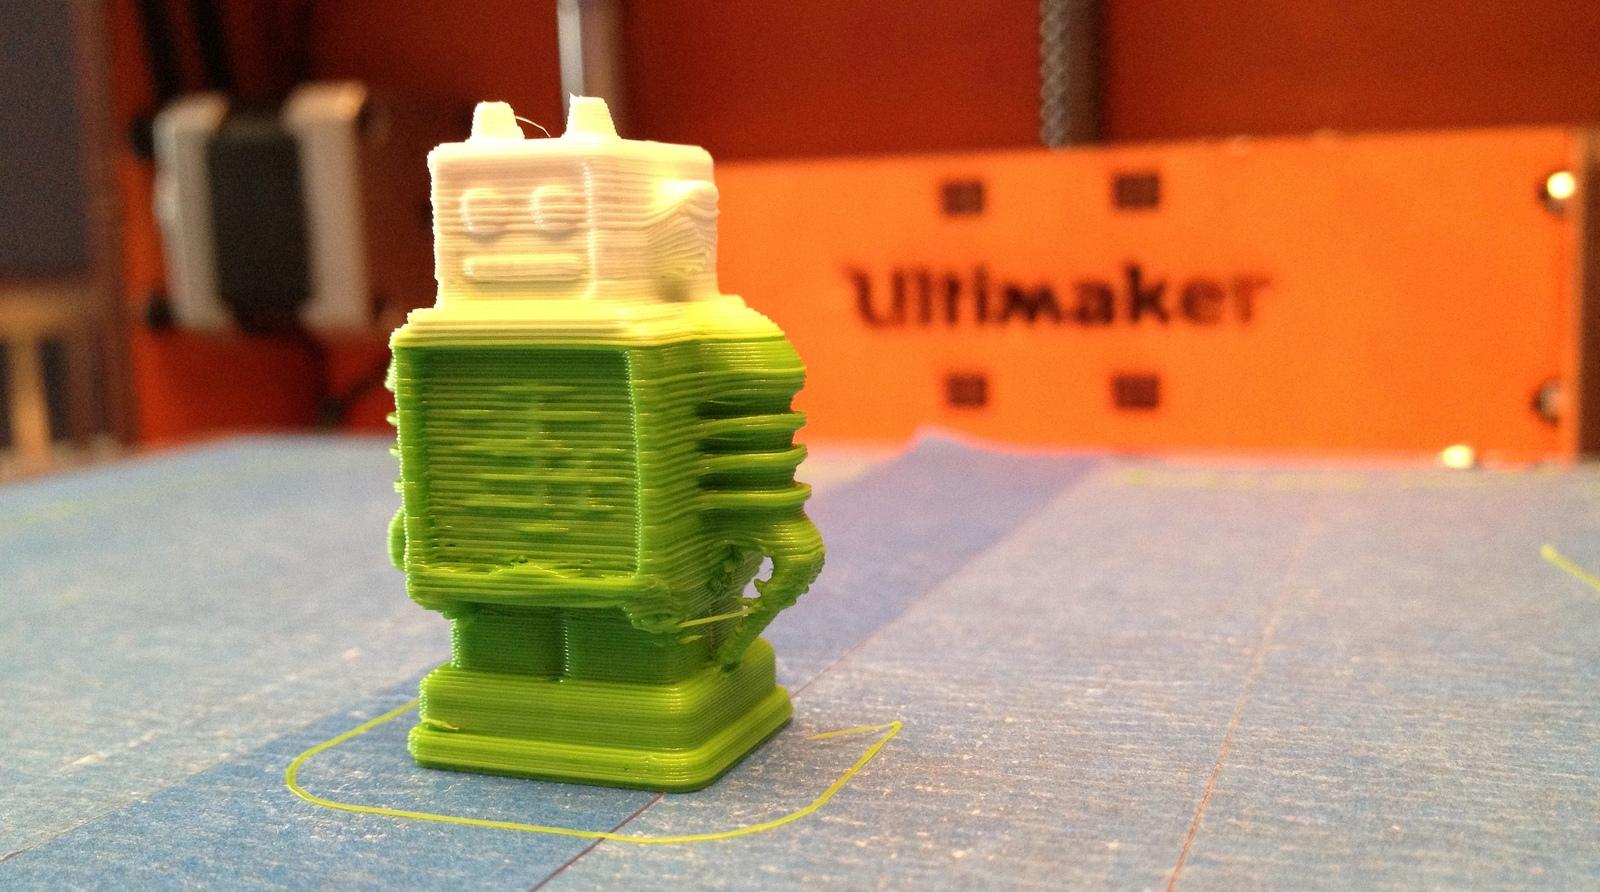 Ultimaker 3D printed robot. Source: jabella/Flickr.com